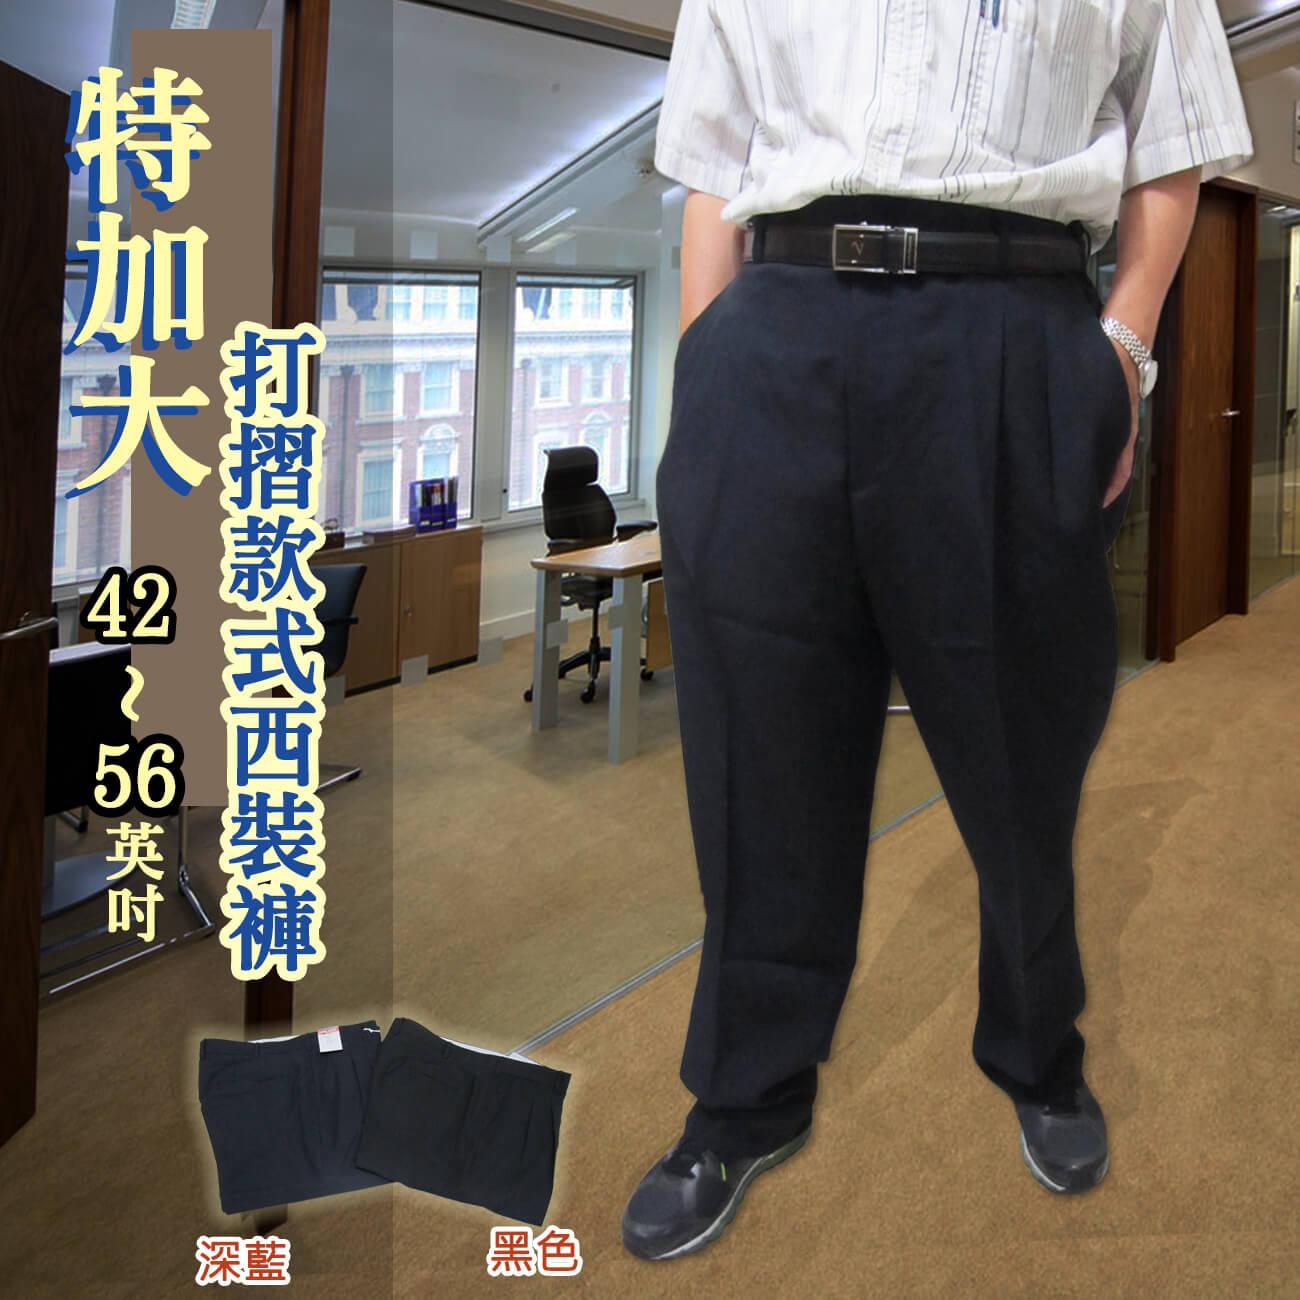 sun-e特加大尺碼西裝褲、加大尺碼打摺西裝褲、加大尺碼西褲、正式場合西裝褲、標準西裝褲、上班西裝褲、商務西裝褲、黑色西裝褲、深藍西裝褲、腰圍有皮帶環(褲耳)、褲檔有拉鍊(321-7007-01)深藍(321-7007-02)黑色 腰圍:42 44 46 48 50 52 54 56(英吋) 0